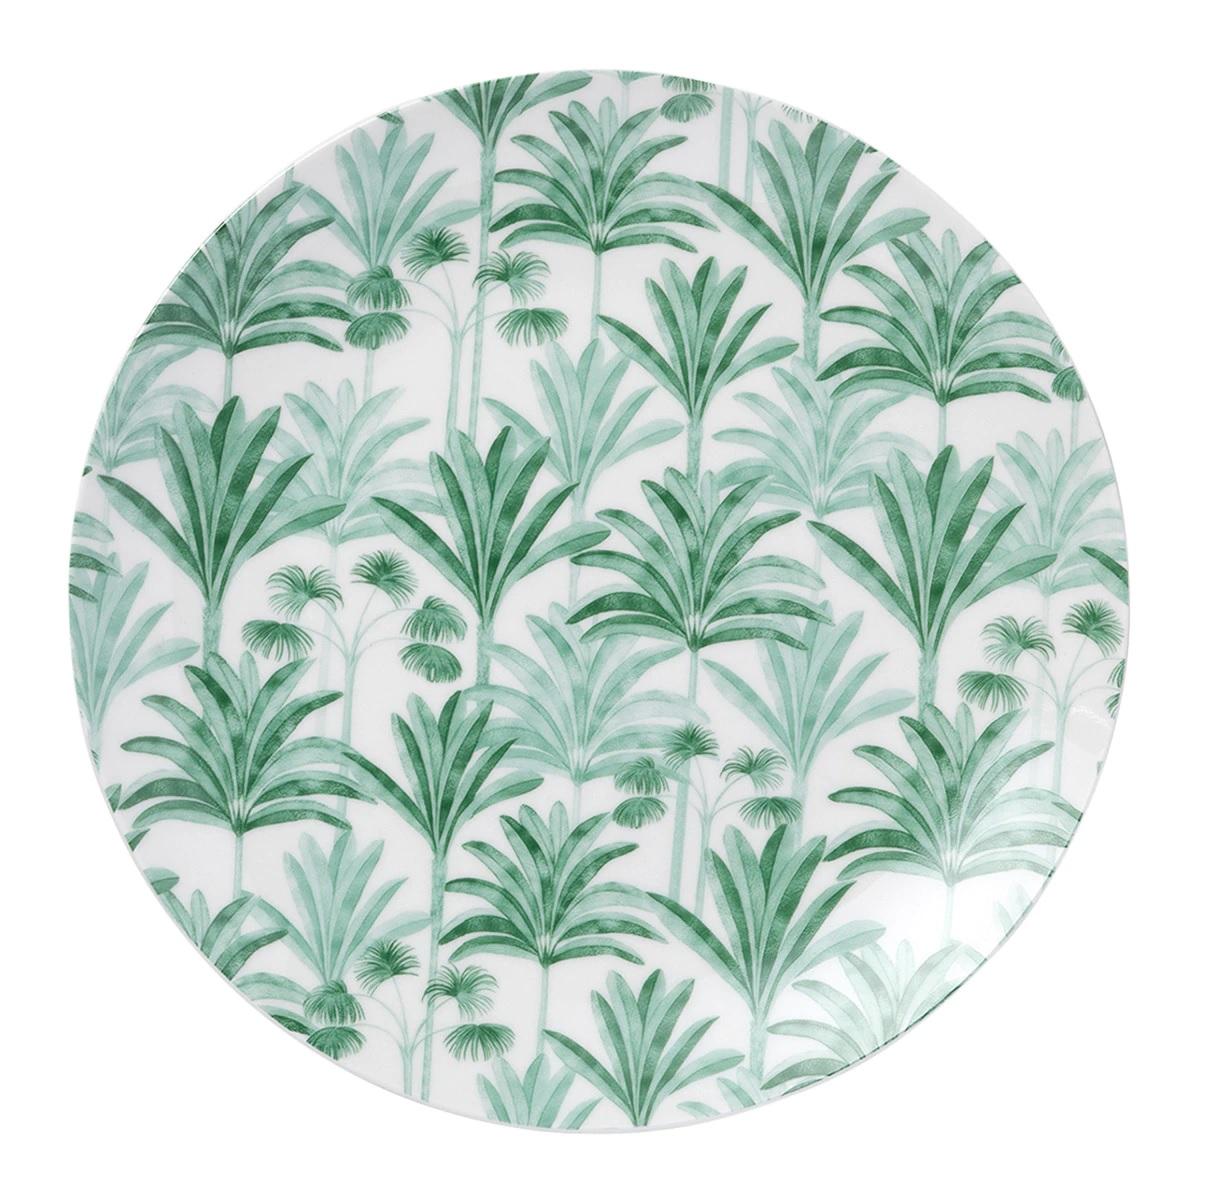 Plato de porcelana con palmeras pintadas a mano